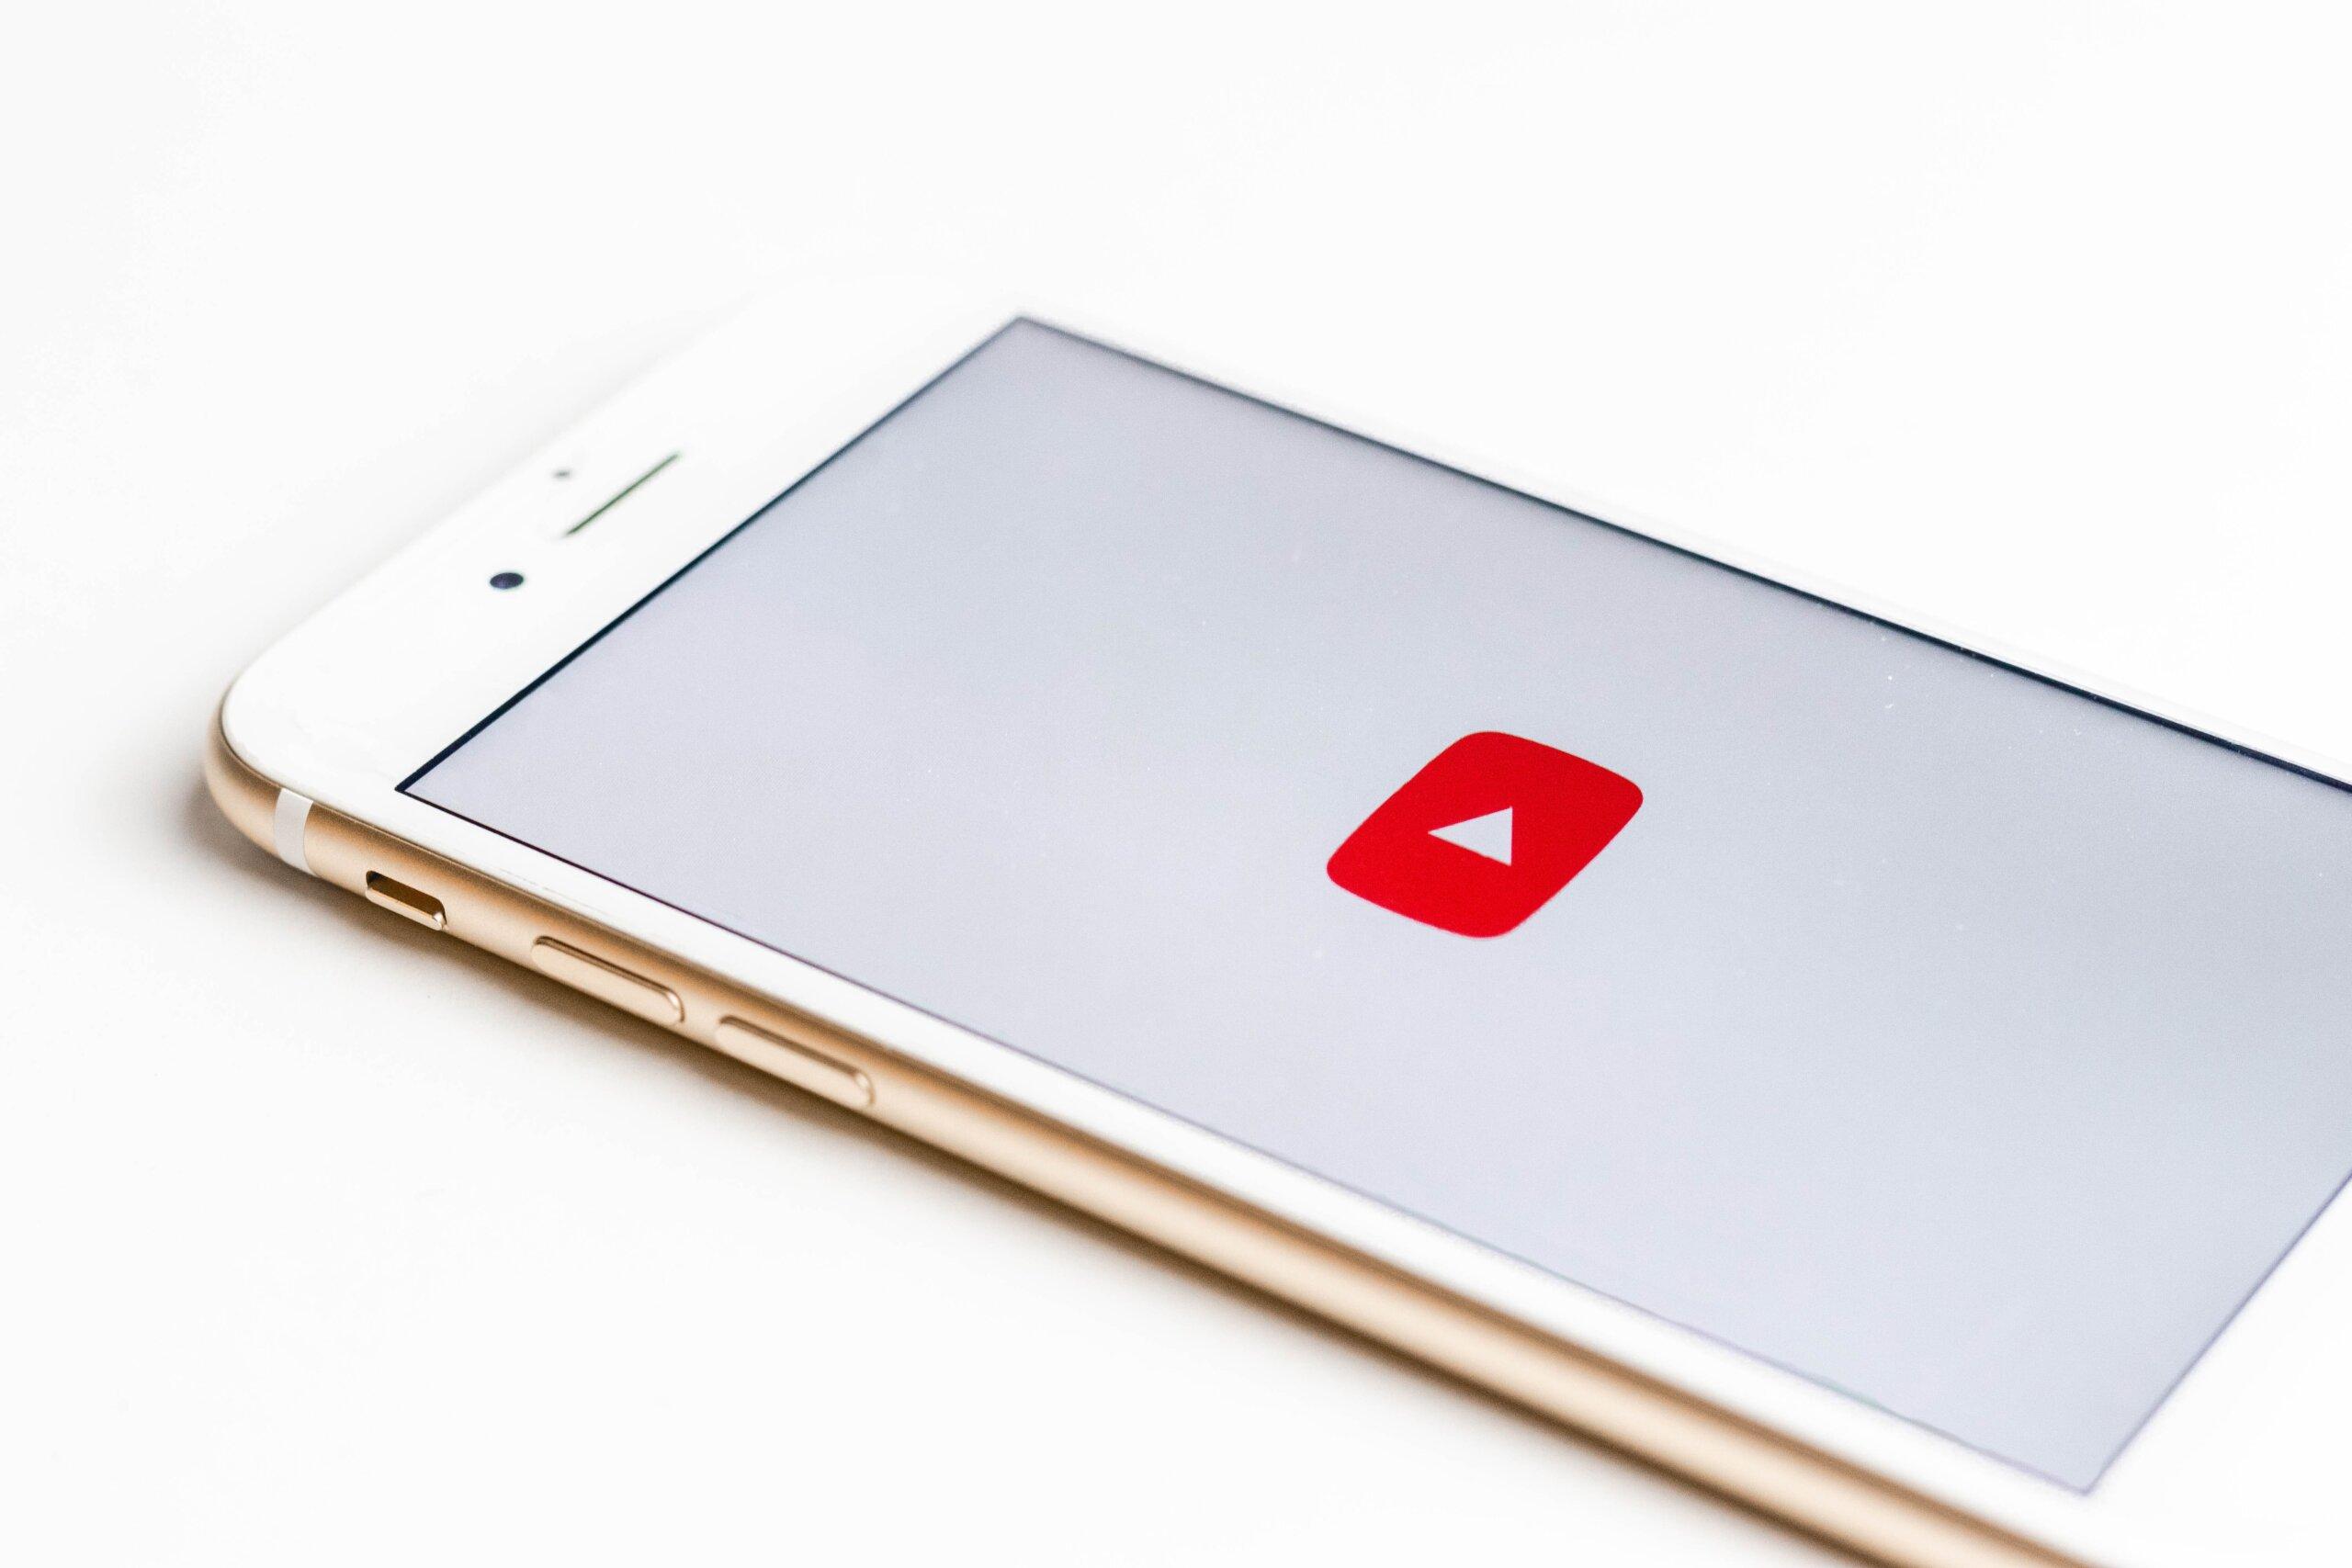 Cách tạo tài khoản YouTube trên điện thoại dễ dàng